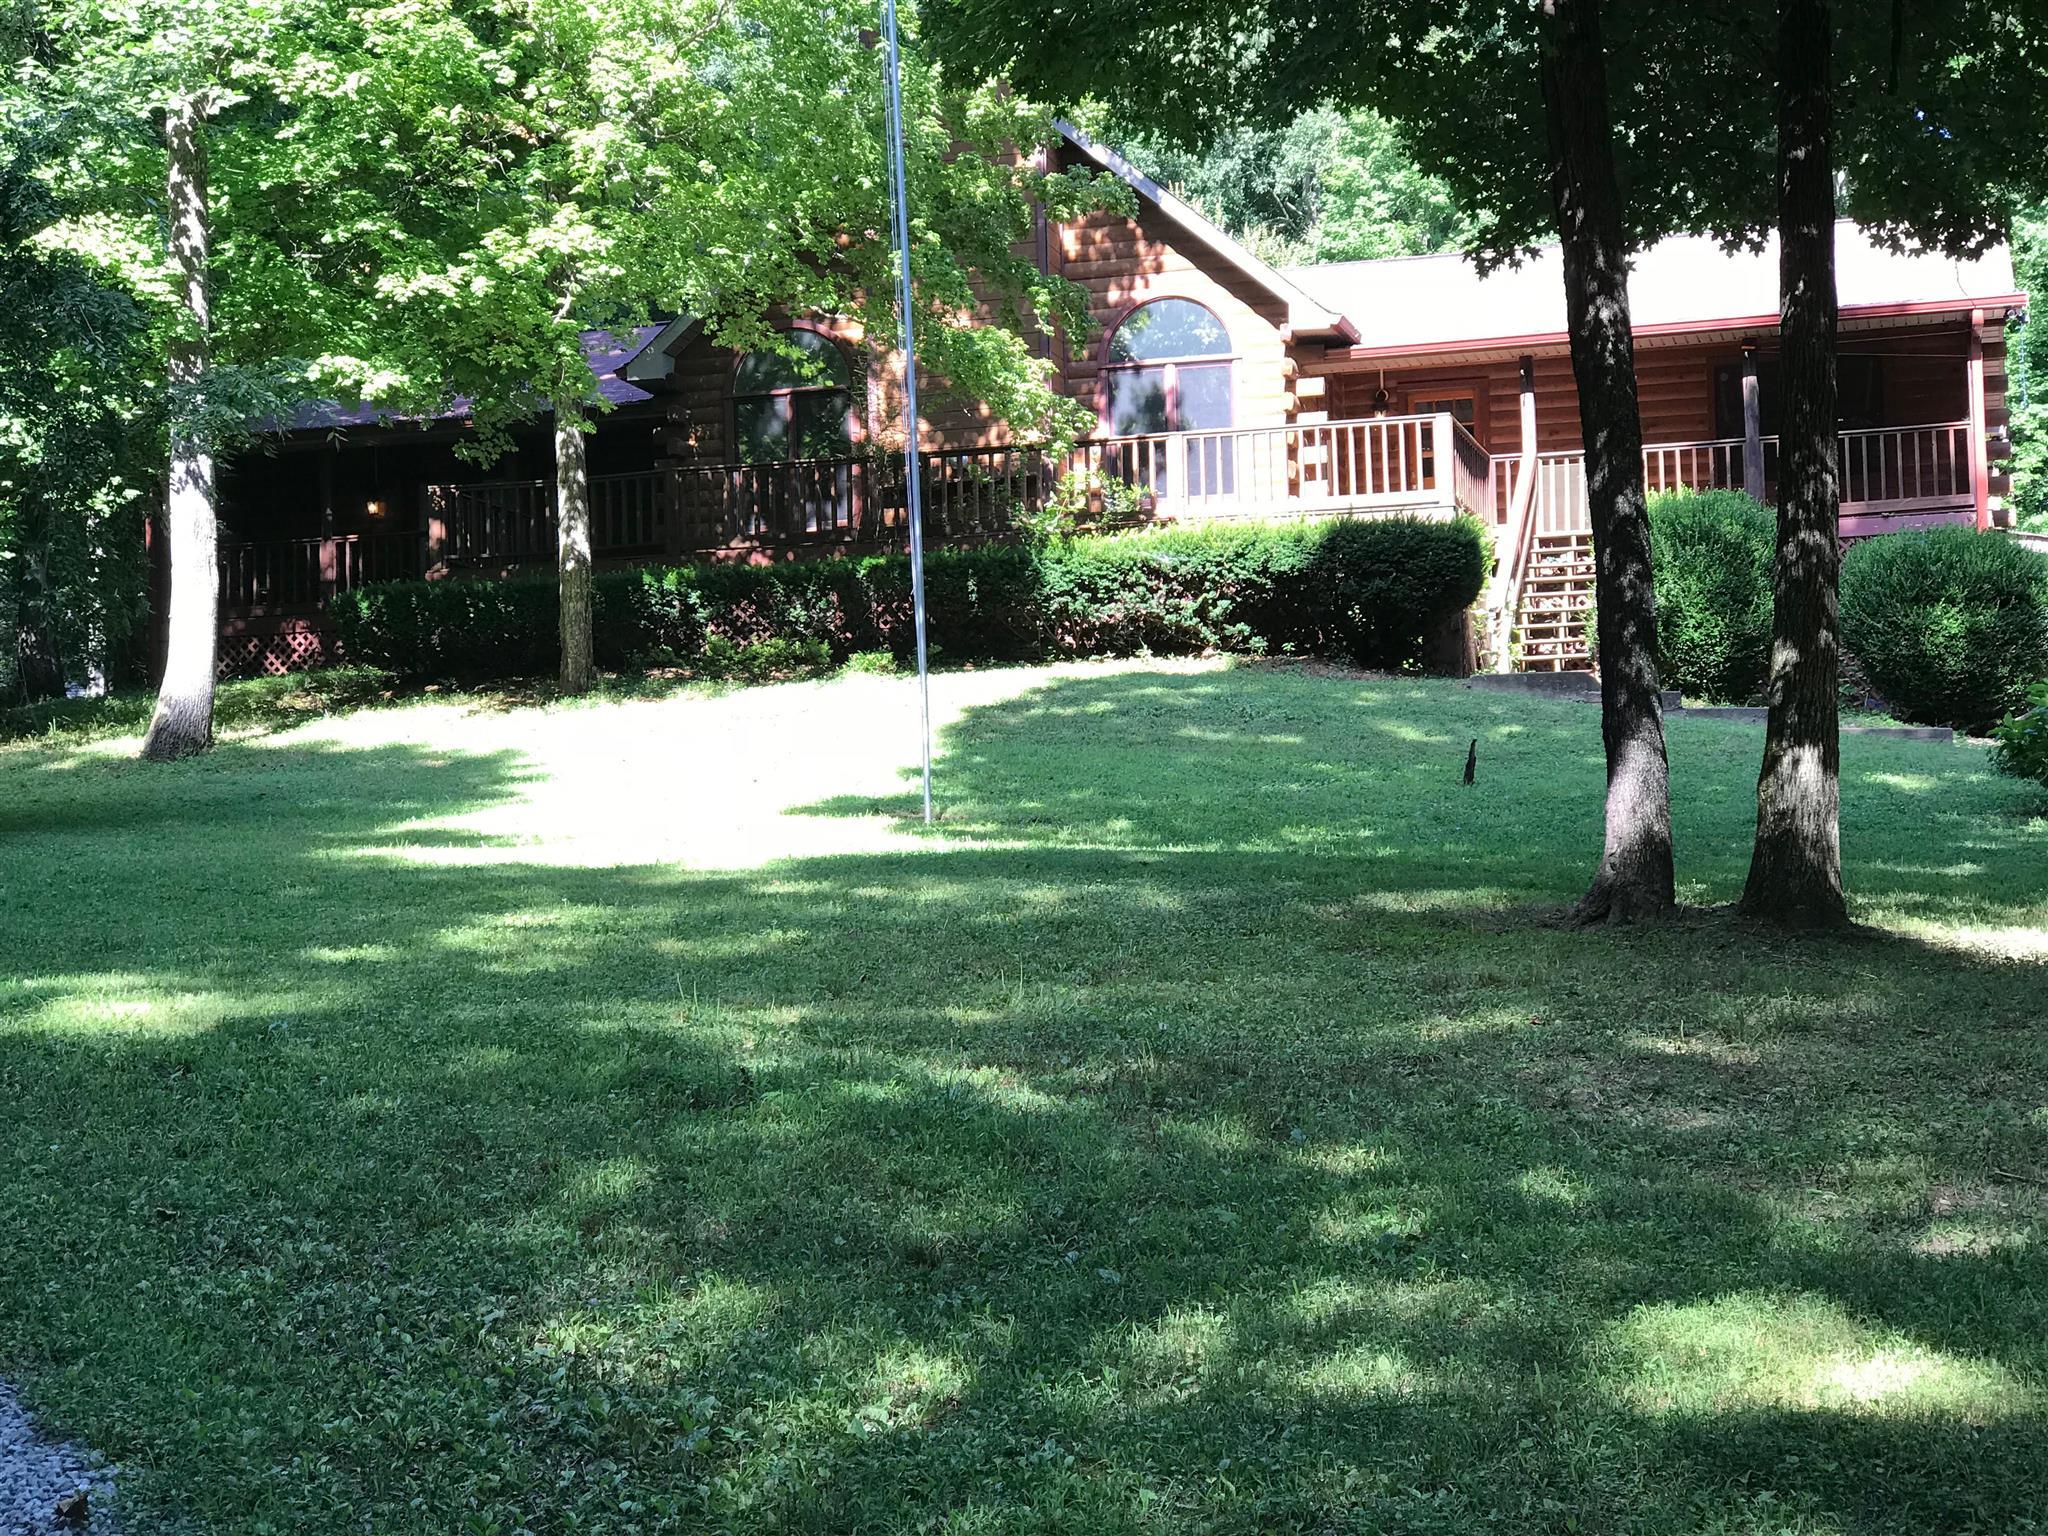 301 J L Thompson Ln, Clarksville, Tennessee